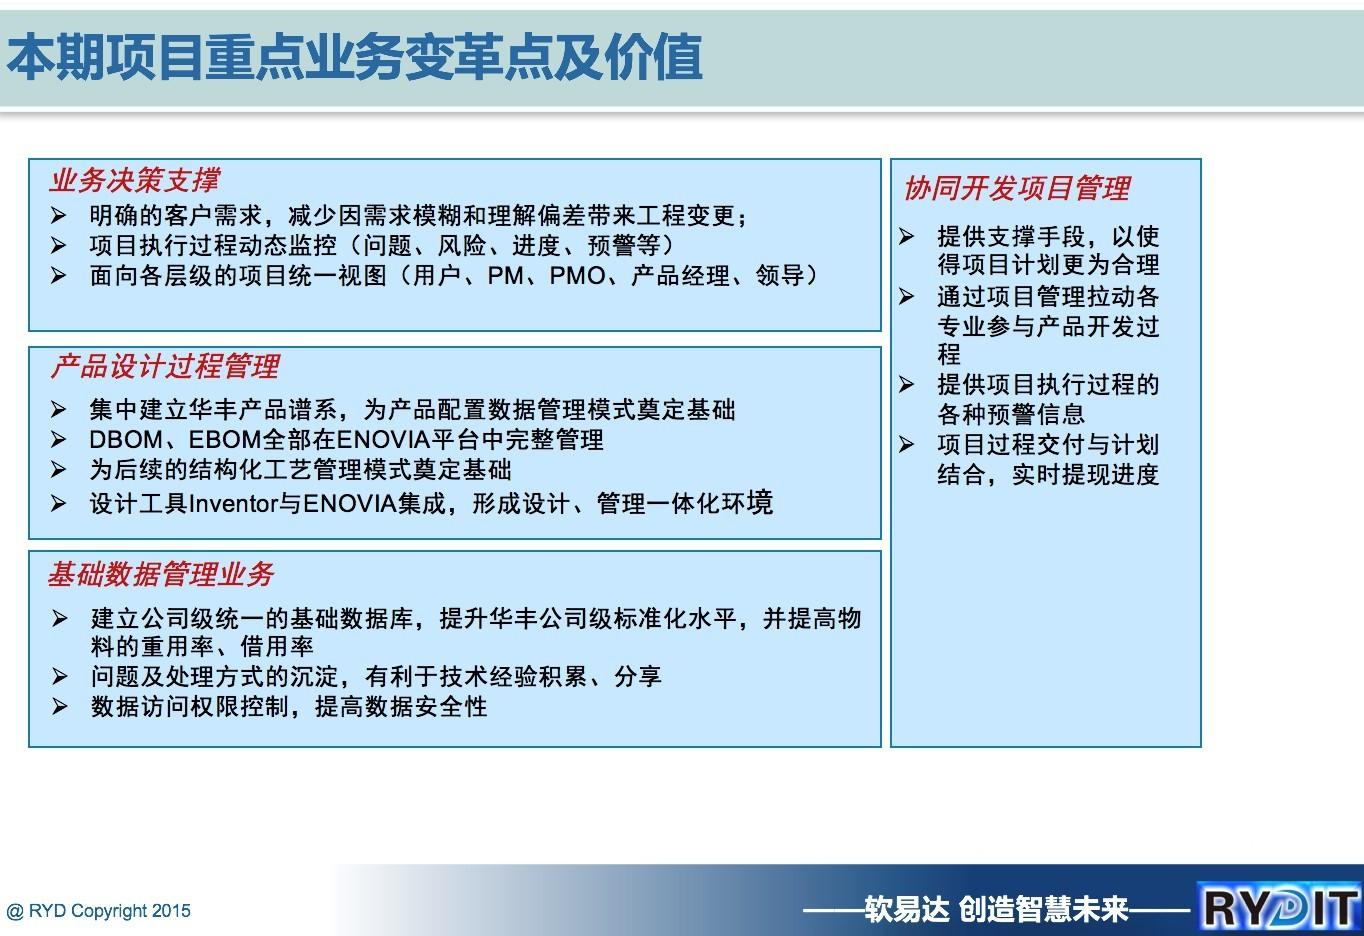 华丰产品协同设计制造平台-软易达_PLM|BIM|CATIA